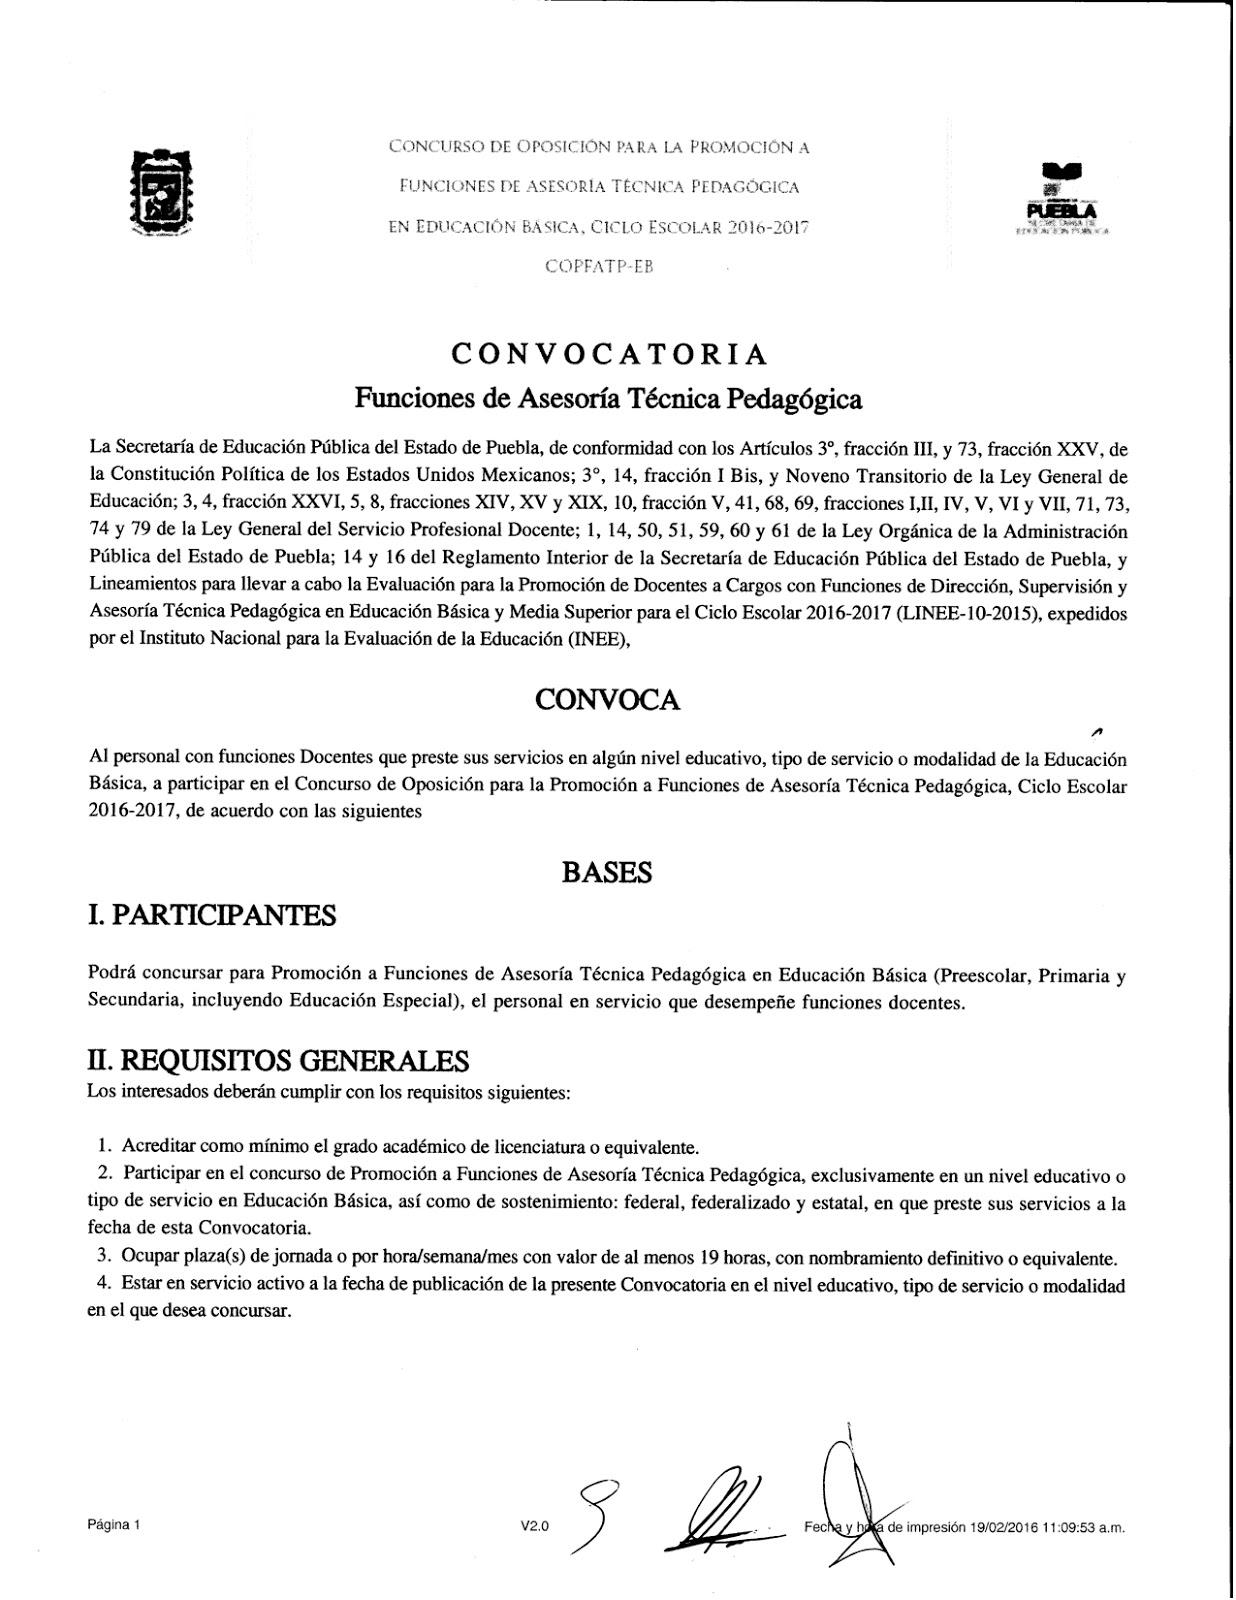 Jefe de ense anza de escuelas secundarias t cnicas for Convocatoria concurso de docentes 2016